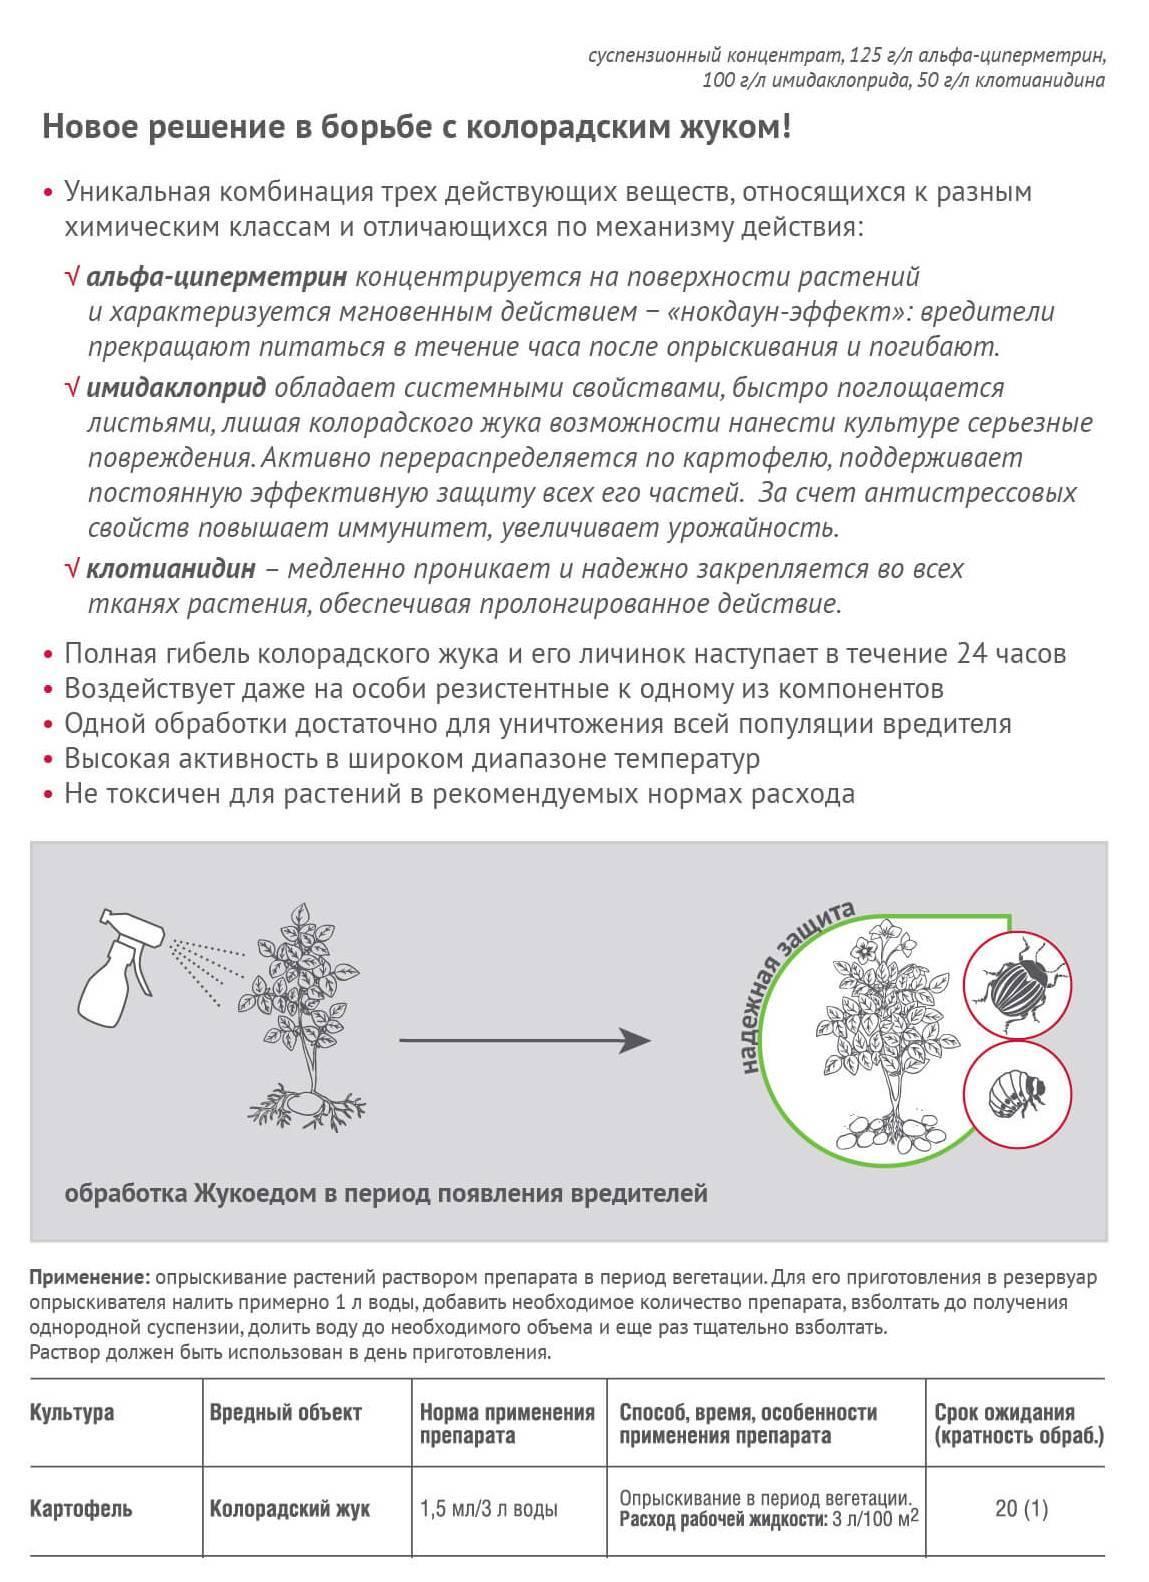 Жукоед от колорадского жука: инструкция по применению